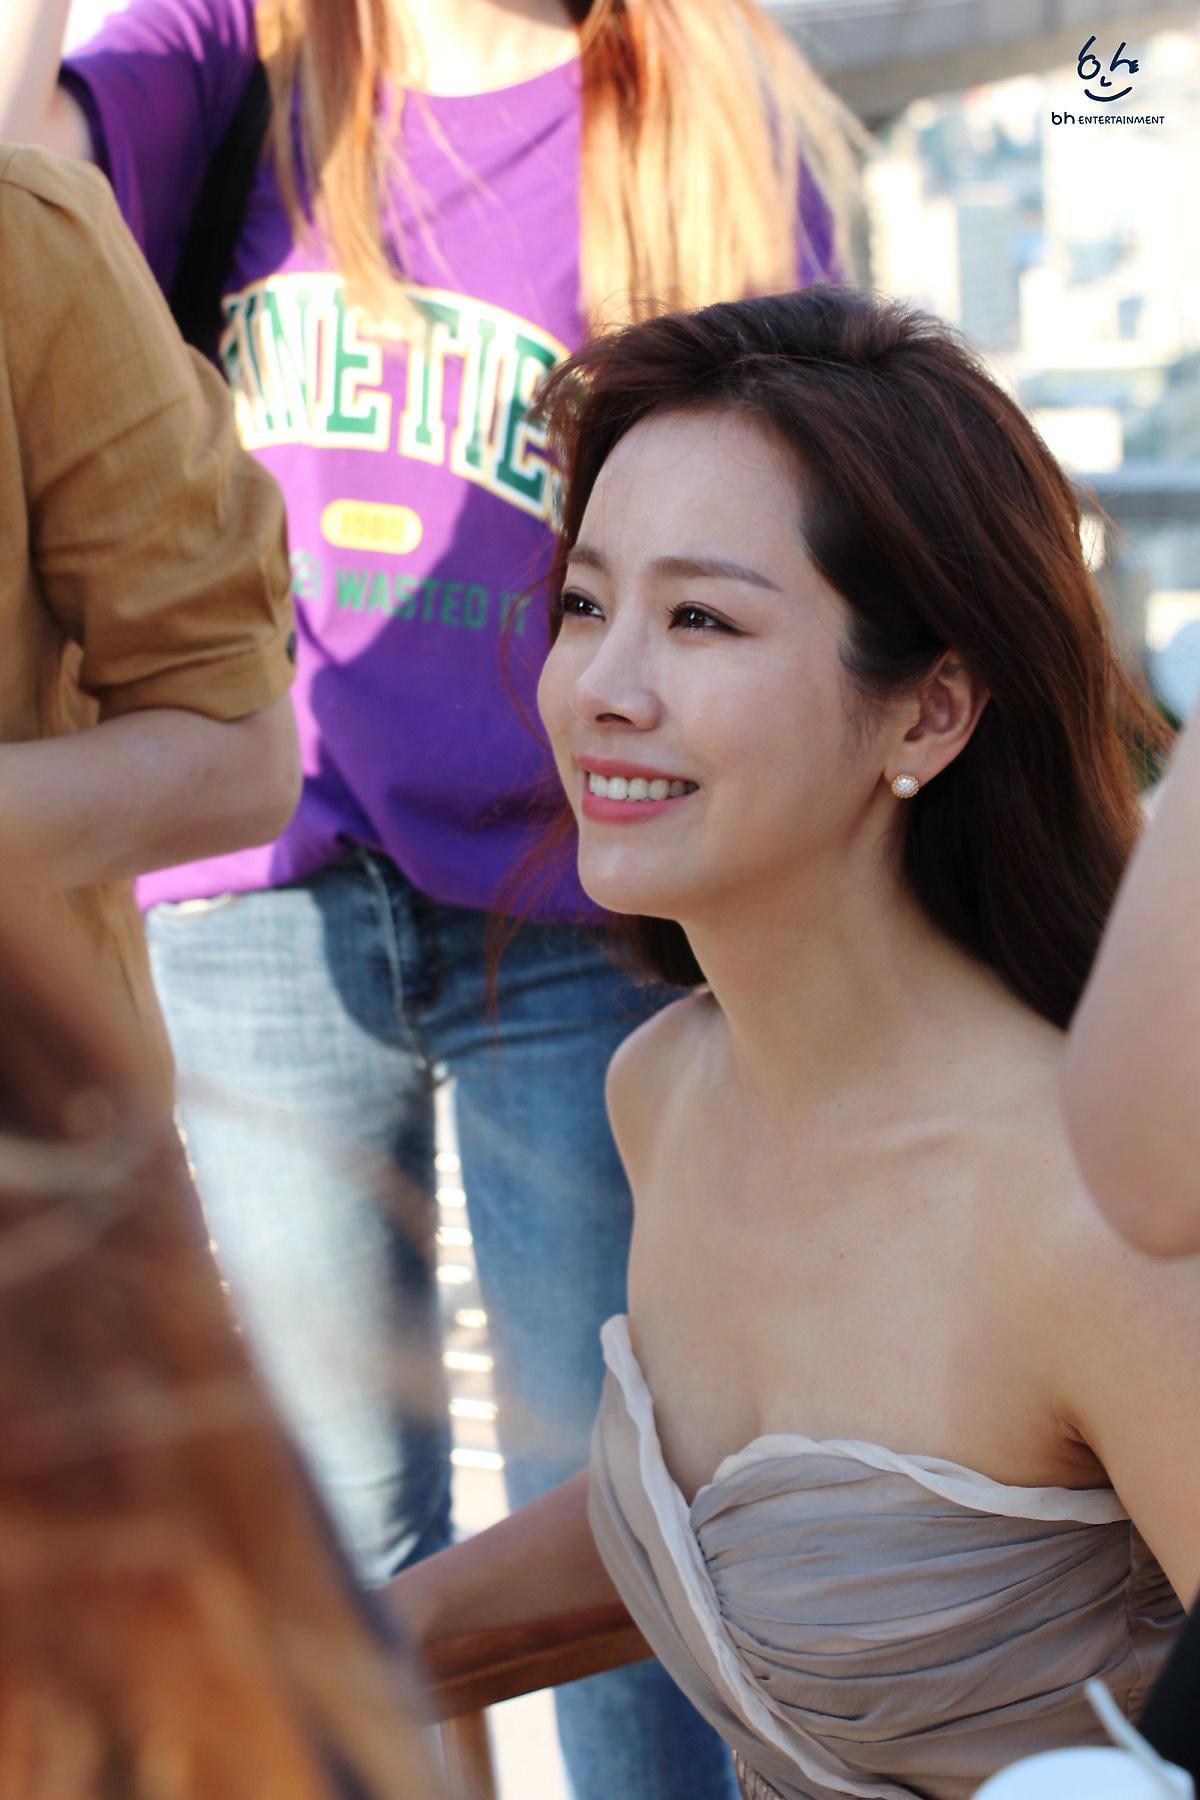 Nhìn Han Ji Min trước và sau khi lên đồ, mới thấy các chị em cứ biến hình là không thể đùa được! - Ảnh 11.